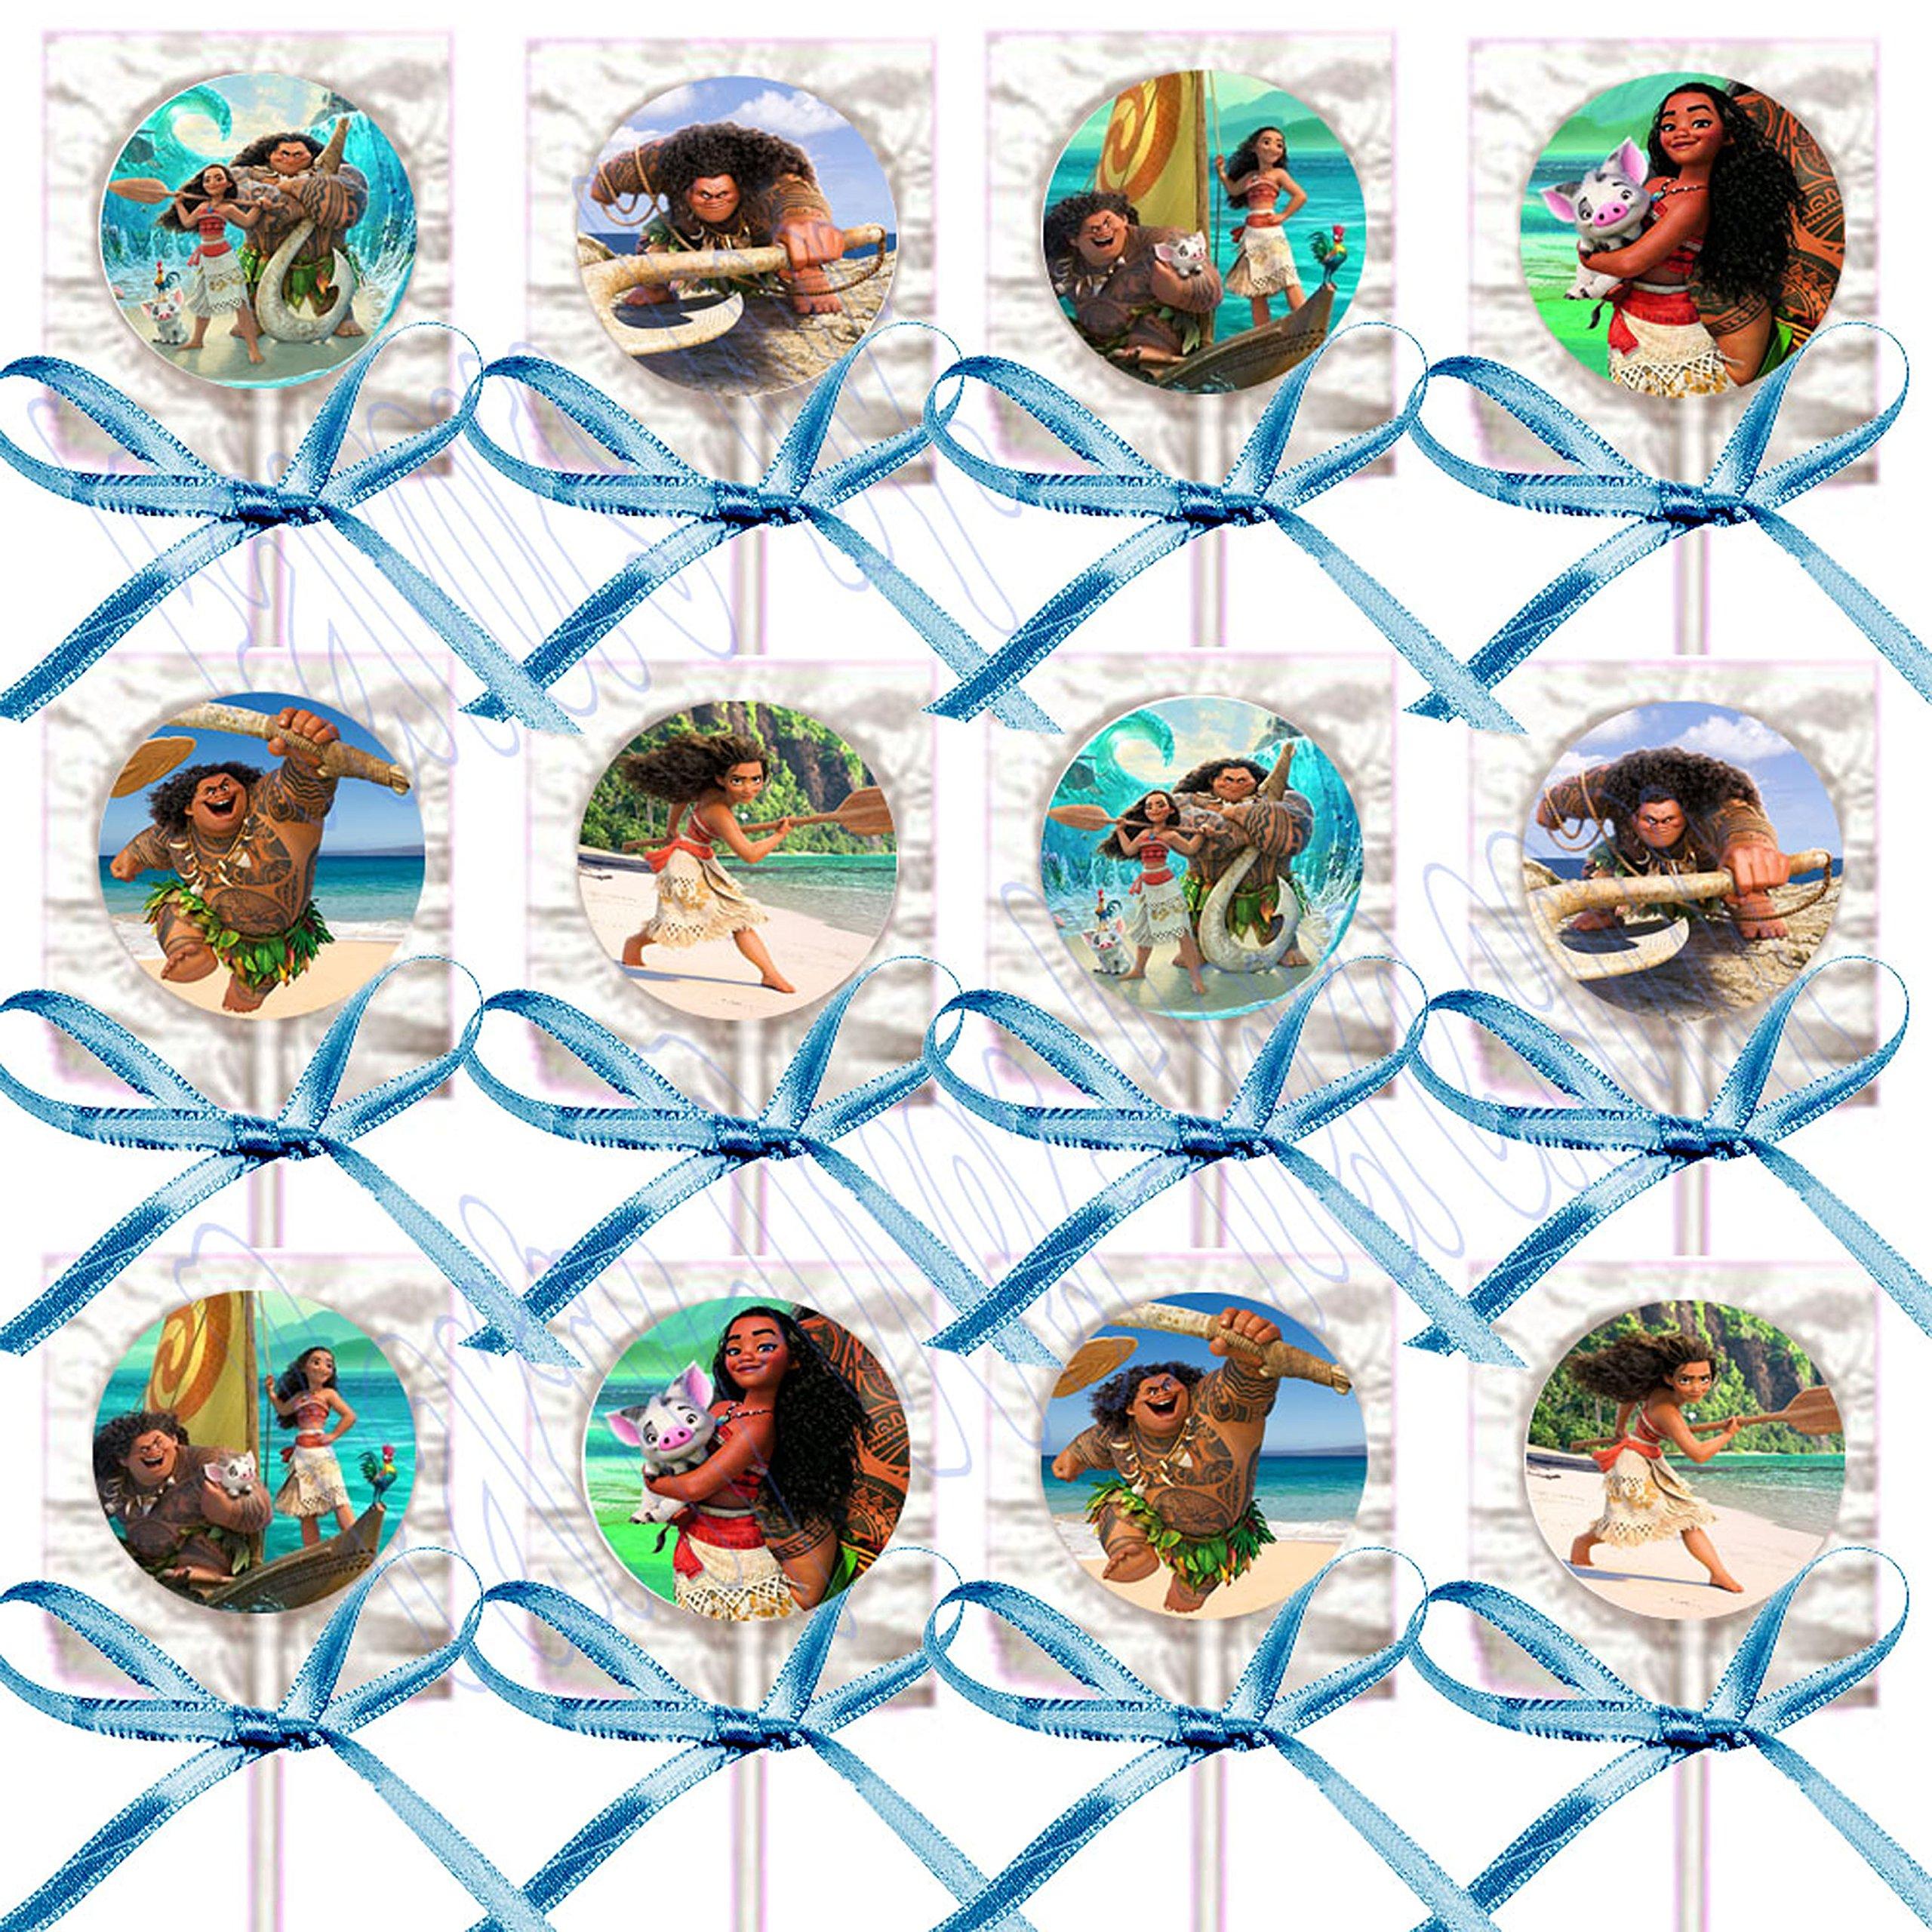 Moana Party Favors Supplies Decorations Disney Movie Lollipops w/ Turquoise Blue Ribbon Bows Party Favors -12 pcs